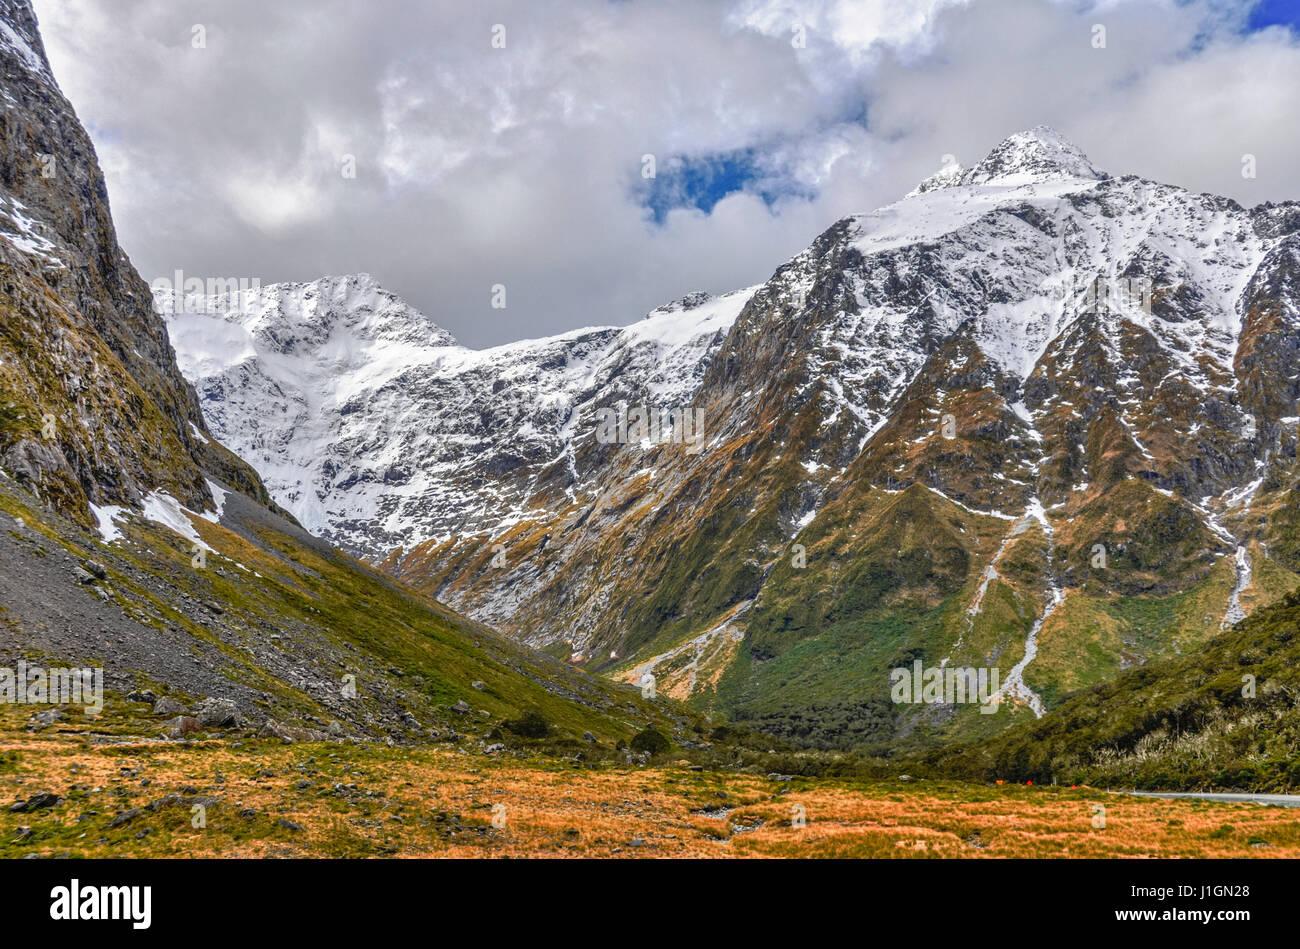 Les montagnes enneigées dans le Milford Road, l'une des plus belles routes panoramiques en Nouvelle Zélande Photo Stock